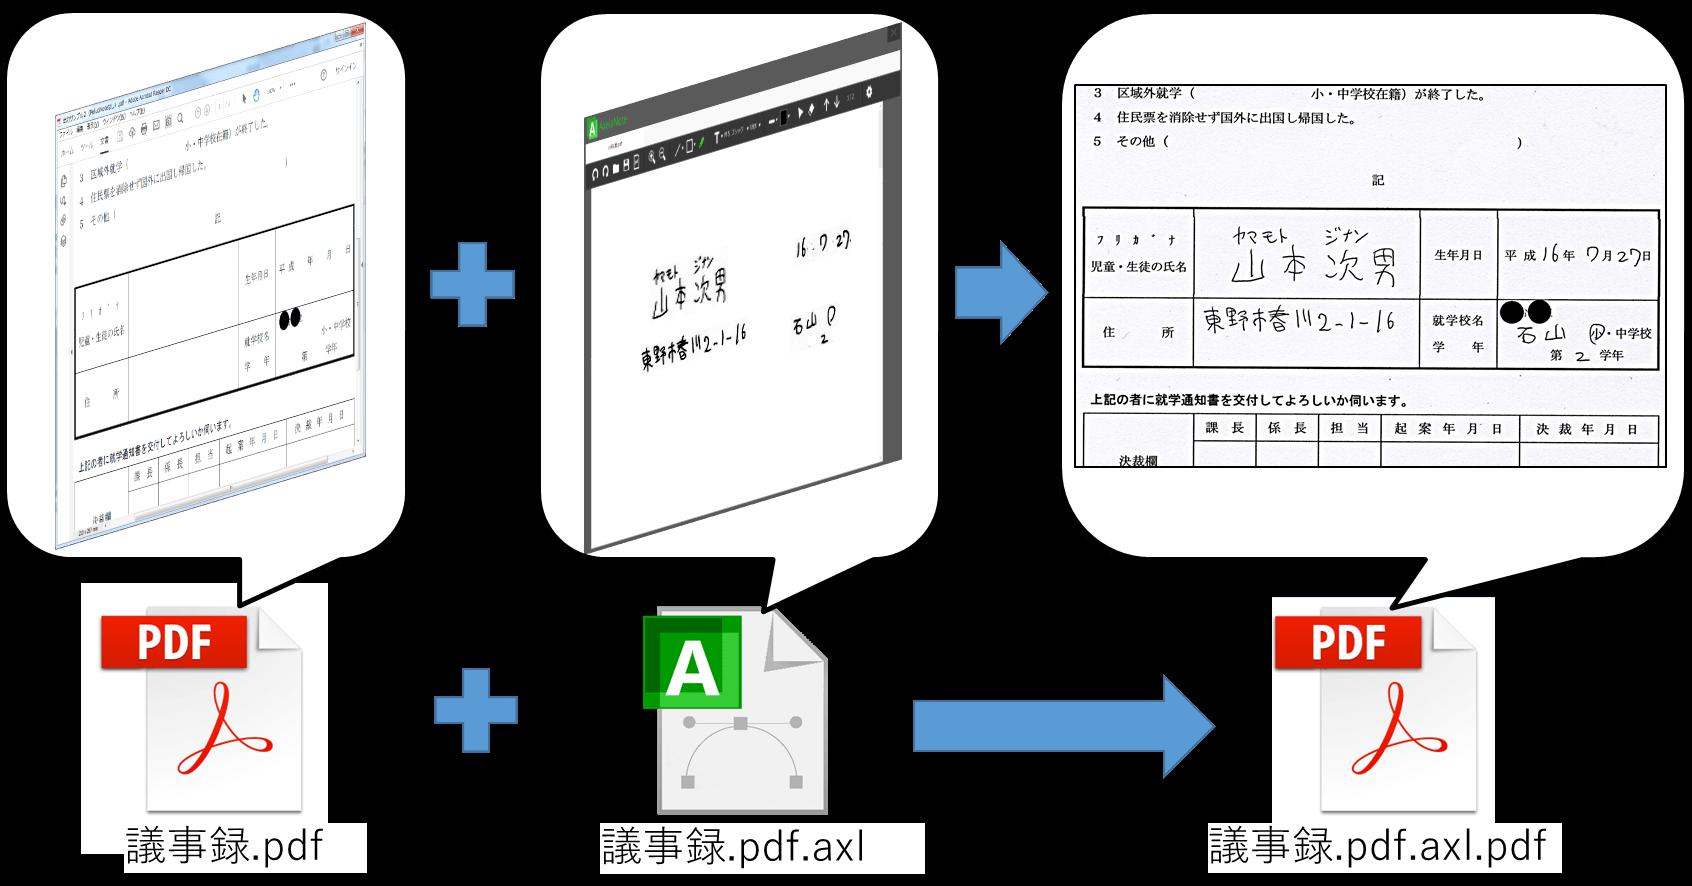 原本のPDFと書き込みを統合してPDF化できる